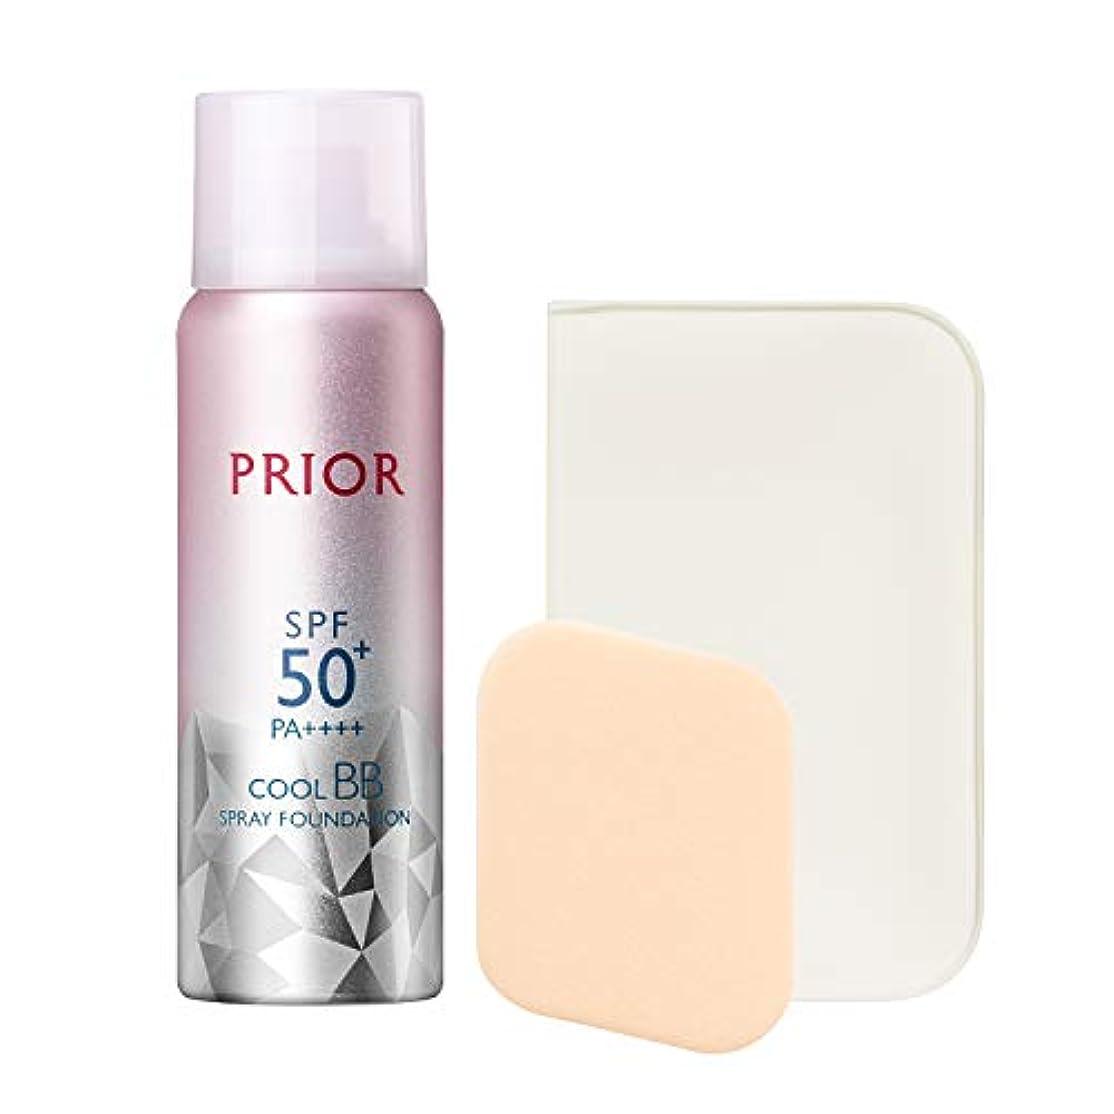 評価するカジュアル不快プリオール クール美つやBBスプレー UV 50 c ナチュラル 50g